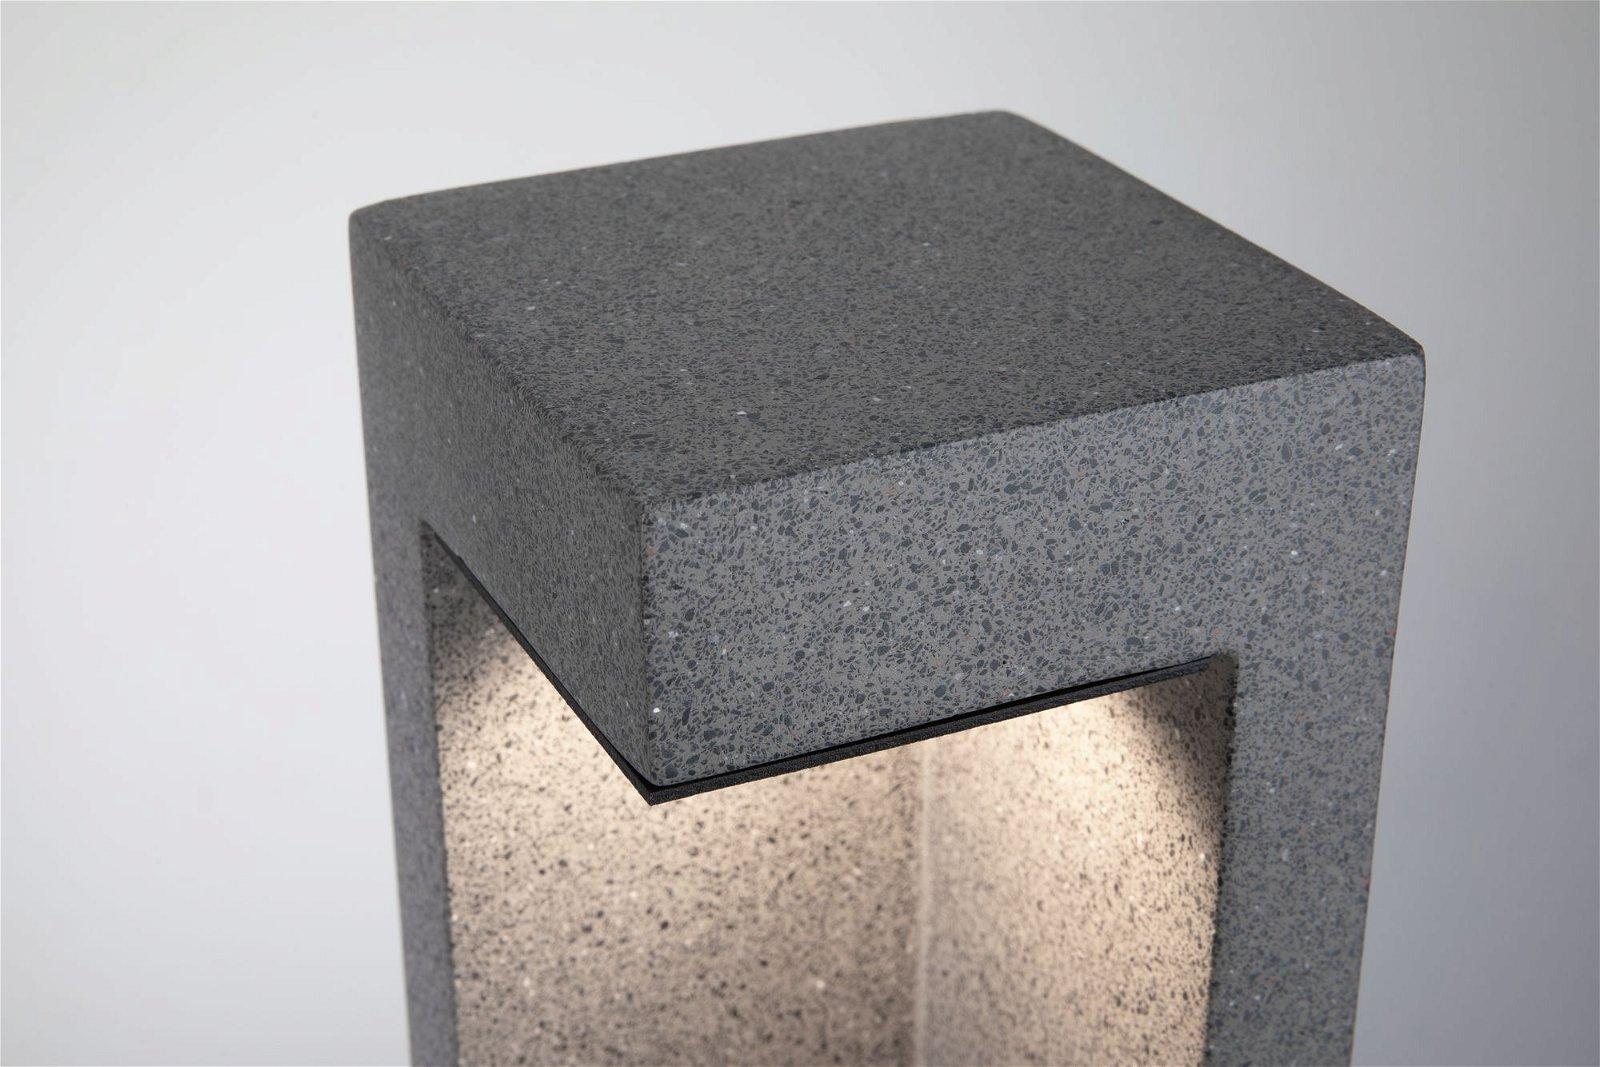 LED Pollerleuchte Concrea IP65 450mm 3000K 6,8W 630lm 230V Schwarzer Sandstein Beton